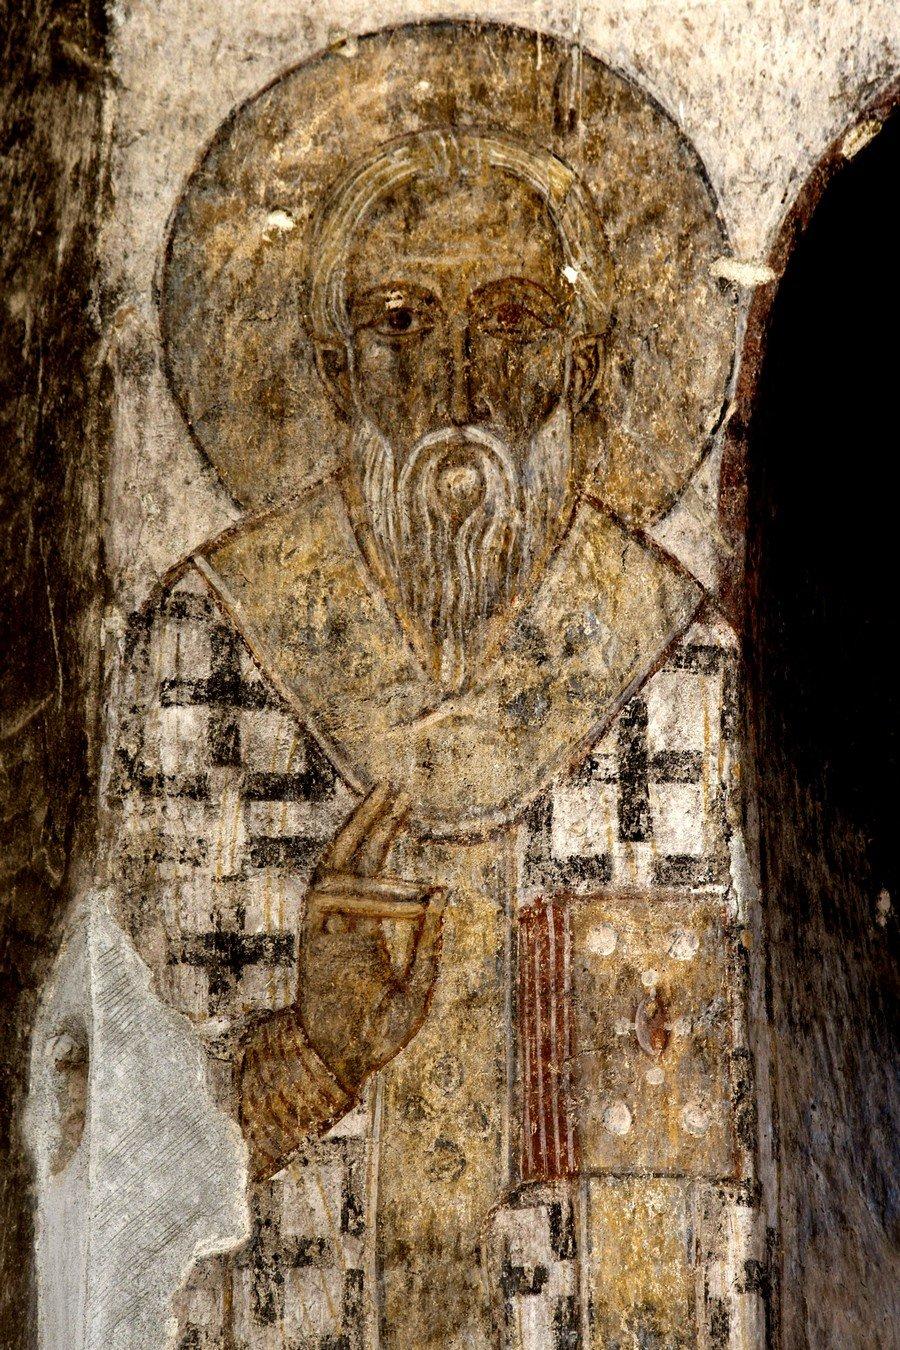 Святитель Григорий Богослов. Фреска монастыря Кобайр, Армения. Выполнена грузинскими мастерами в XIII веке, когда монастырь был православным.